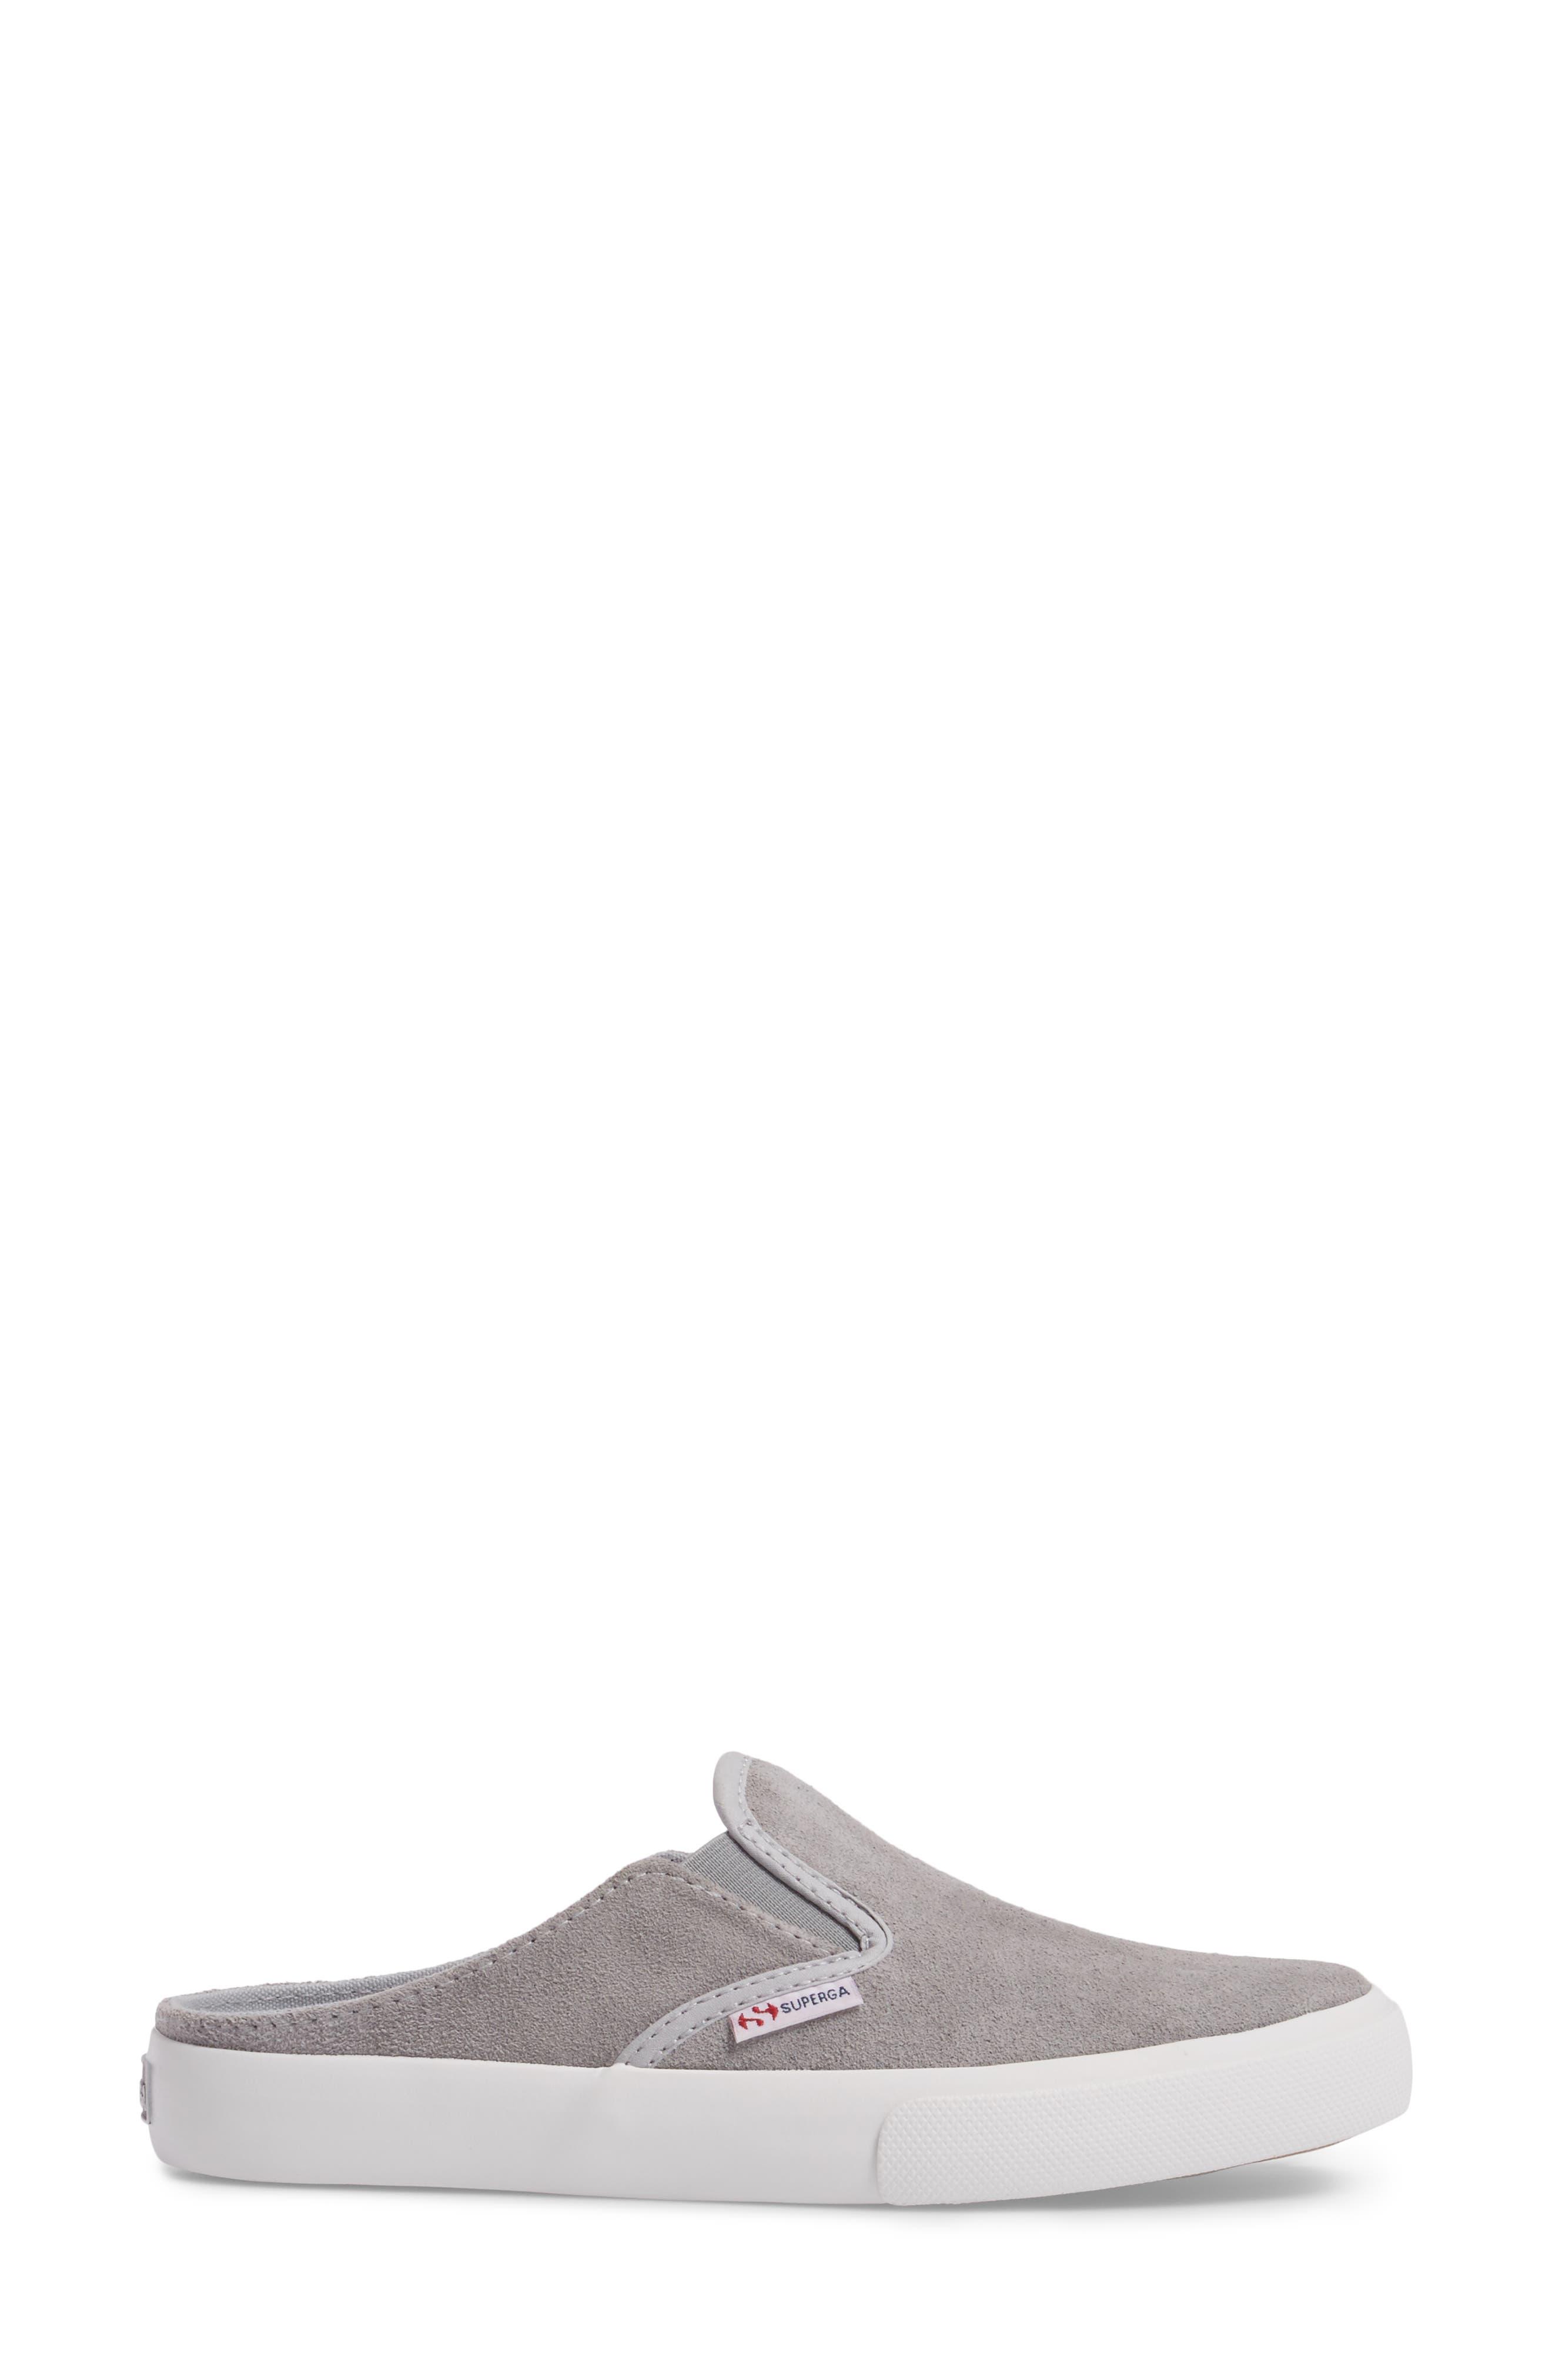 Slip-On Mule Sneaker,                             Alternate thumbnail 3, color,                             020